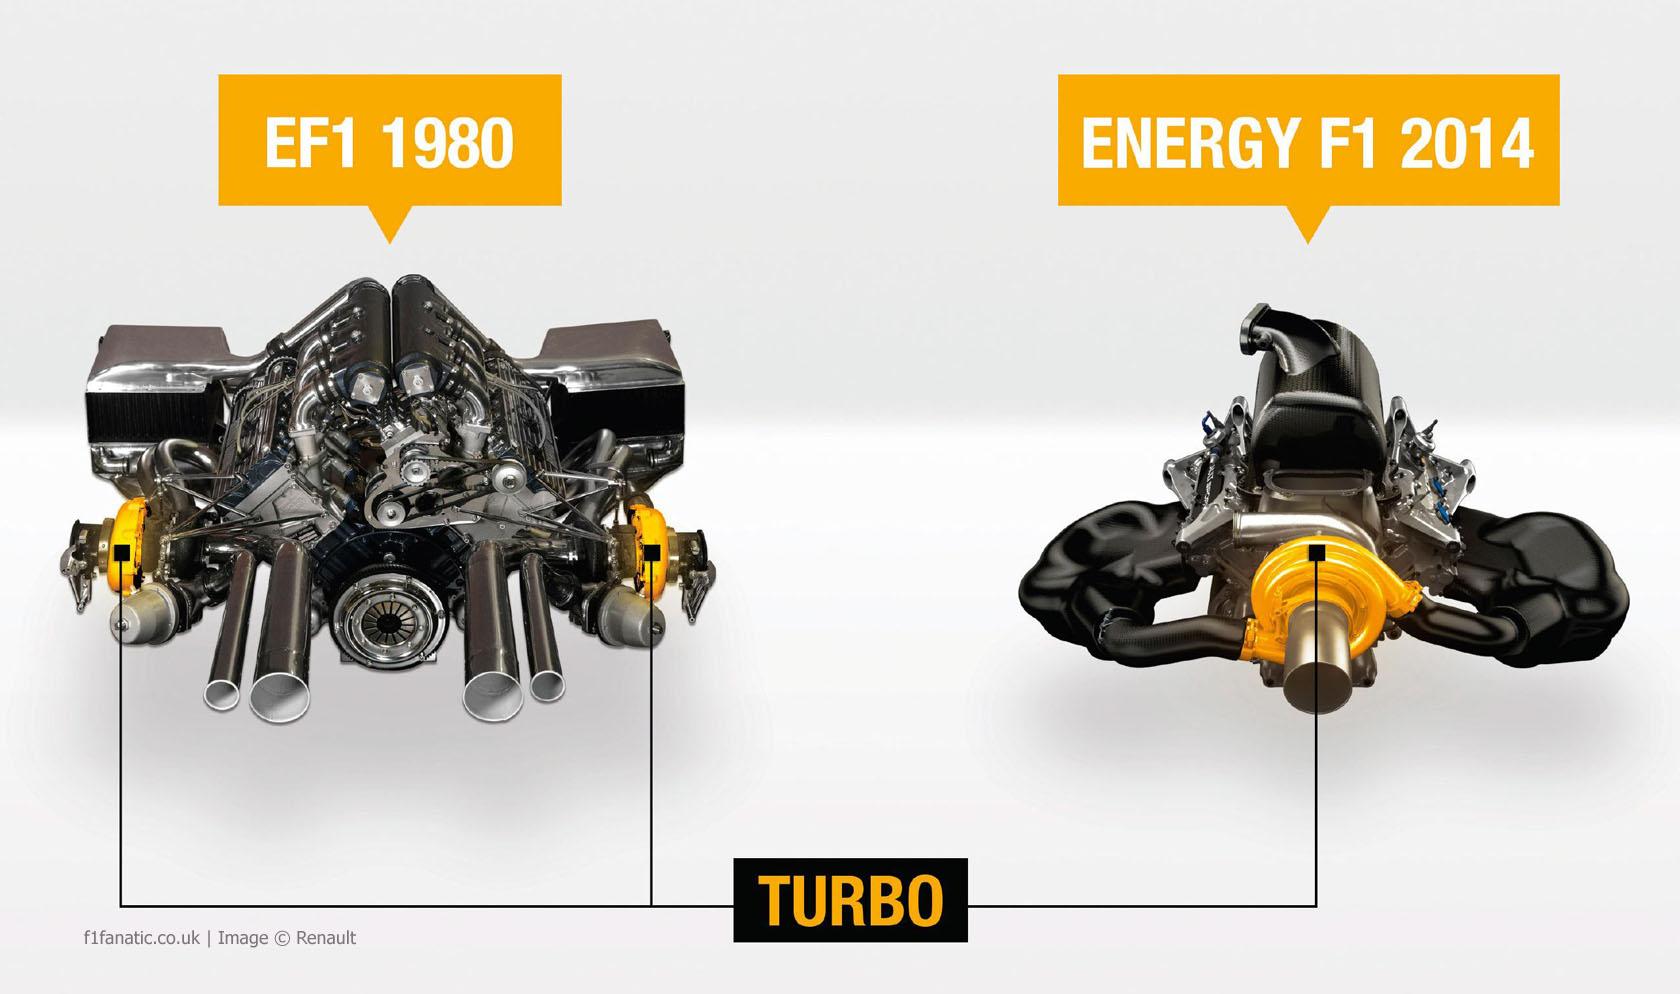 renault-energy-f1-2014-5.jpg